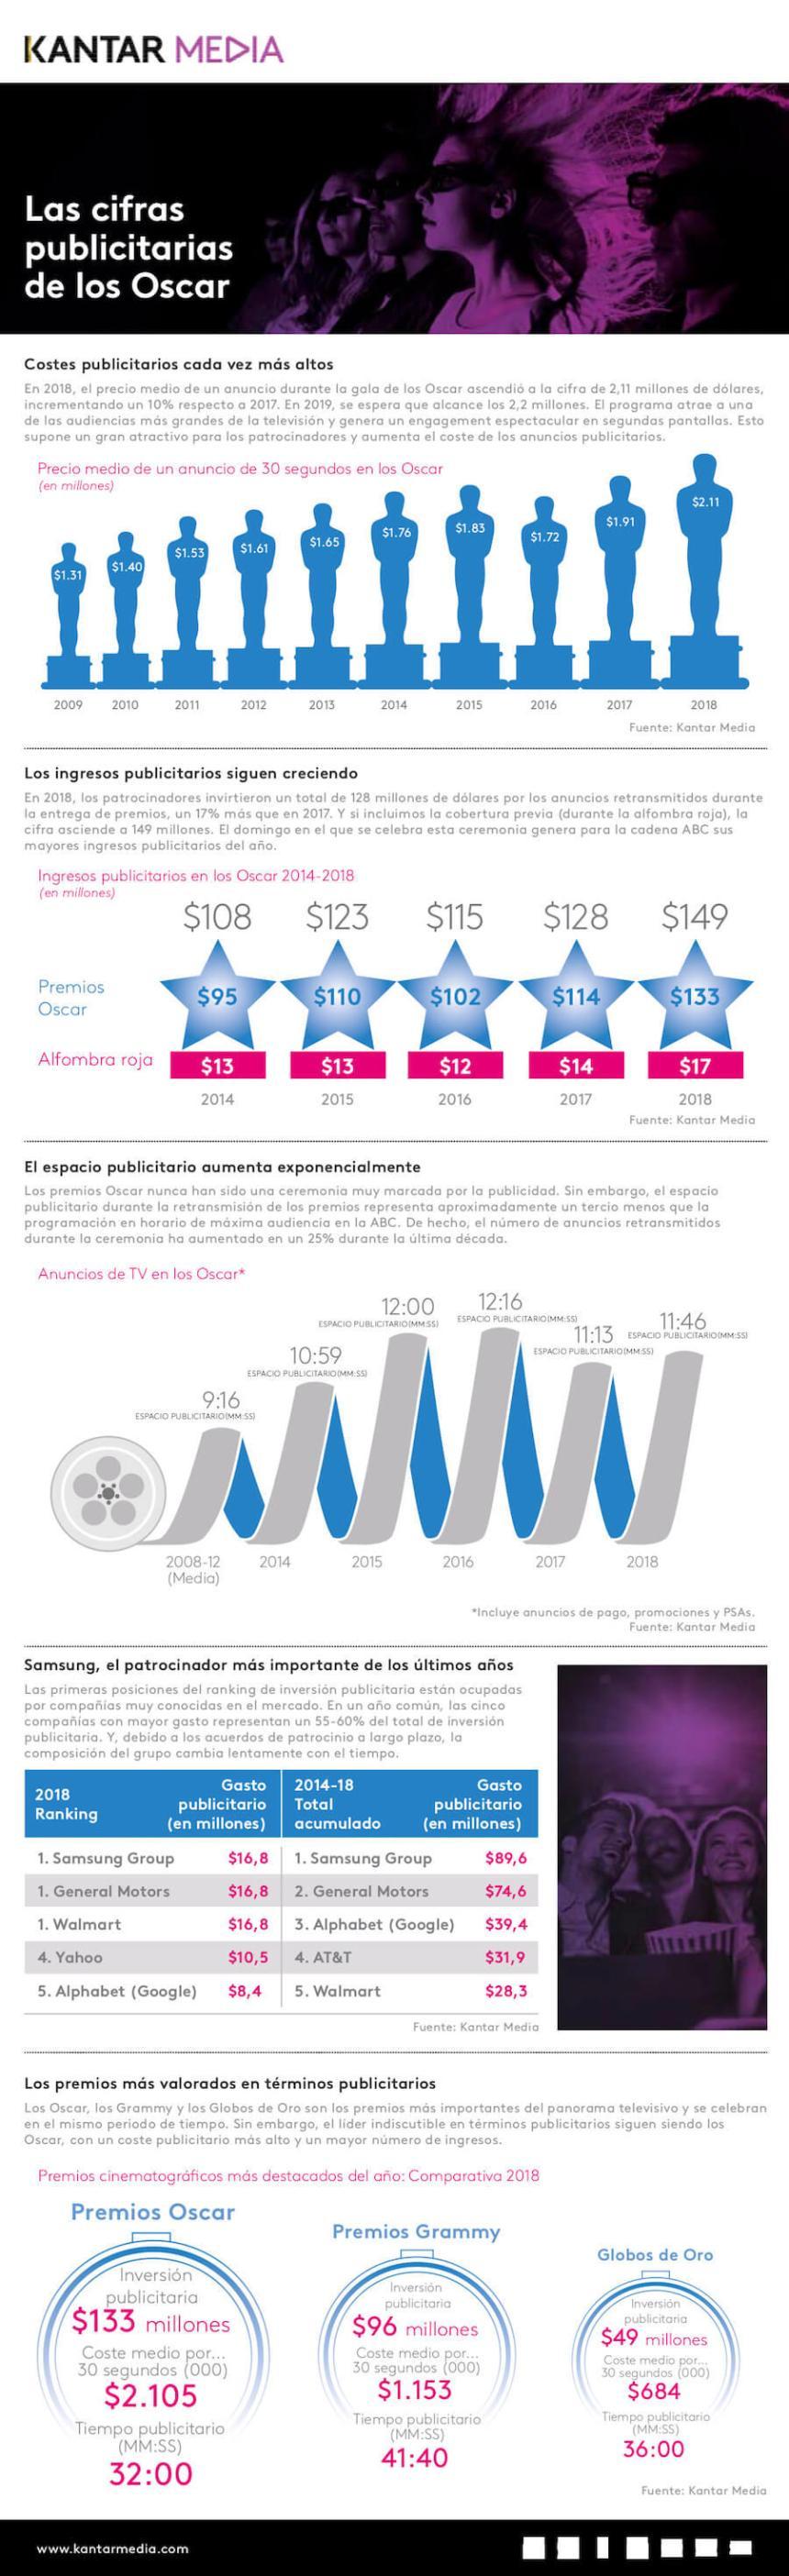 Las cifras publicitarias de los Oscar